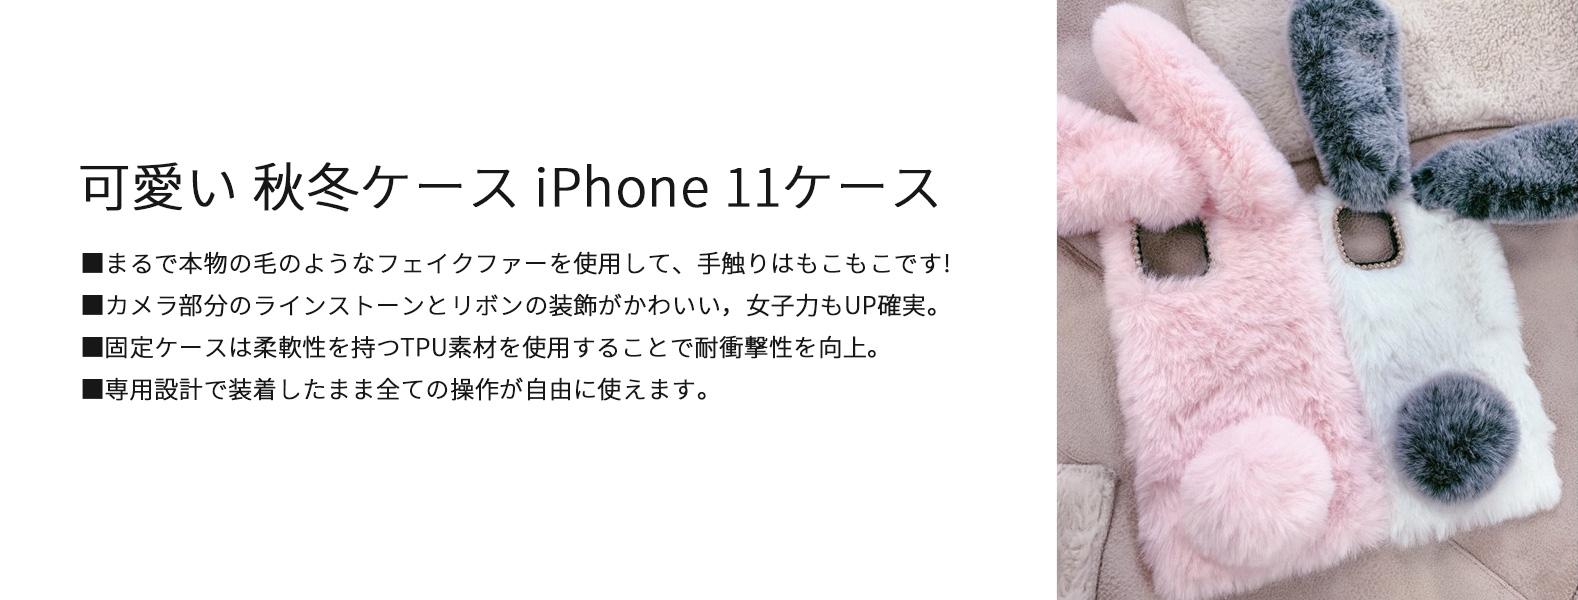 サギ 兎耳ラビットiPhoneケース